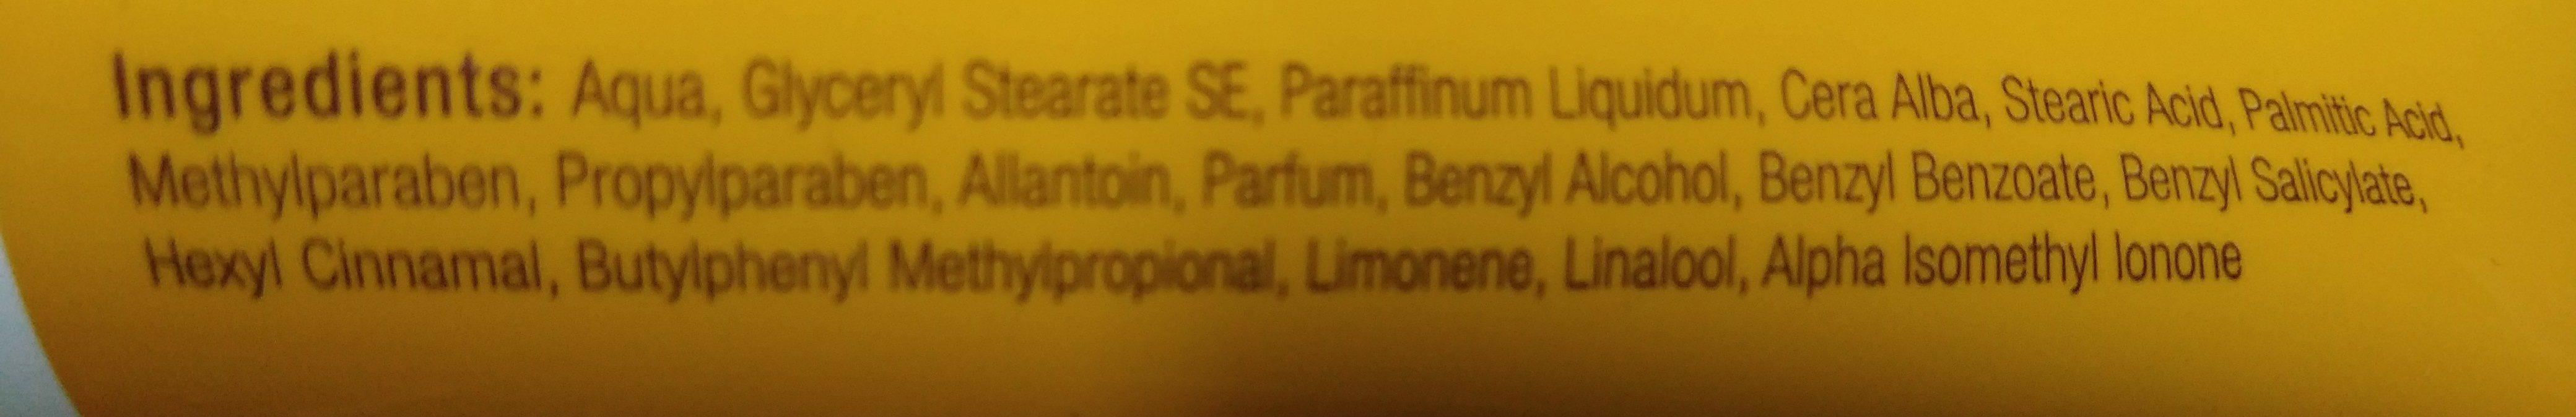 Hautschutz- und Hautpflegecreme mit Bienenwachs - Ingredients - de